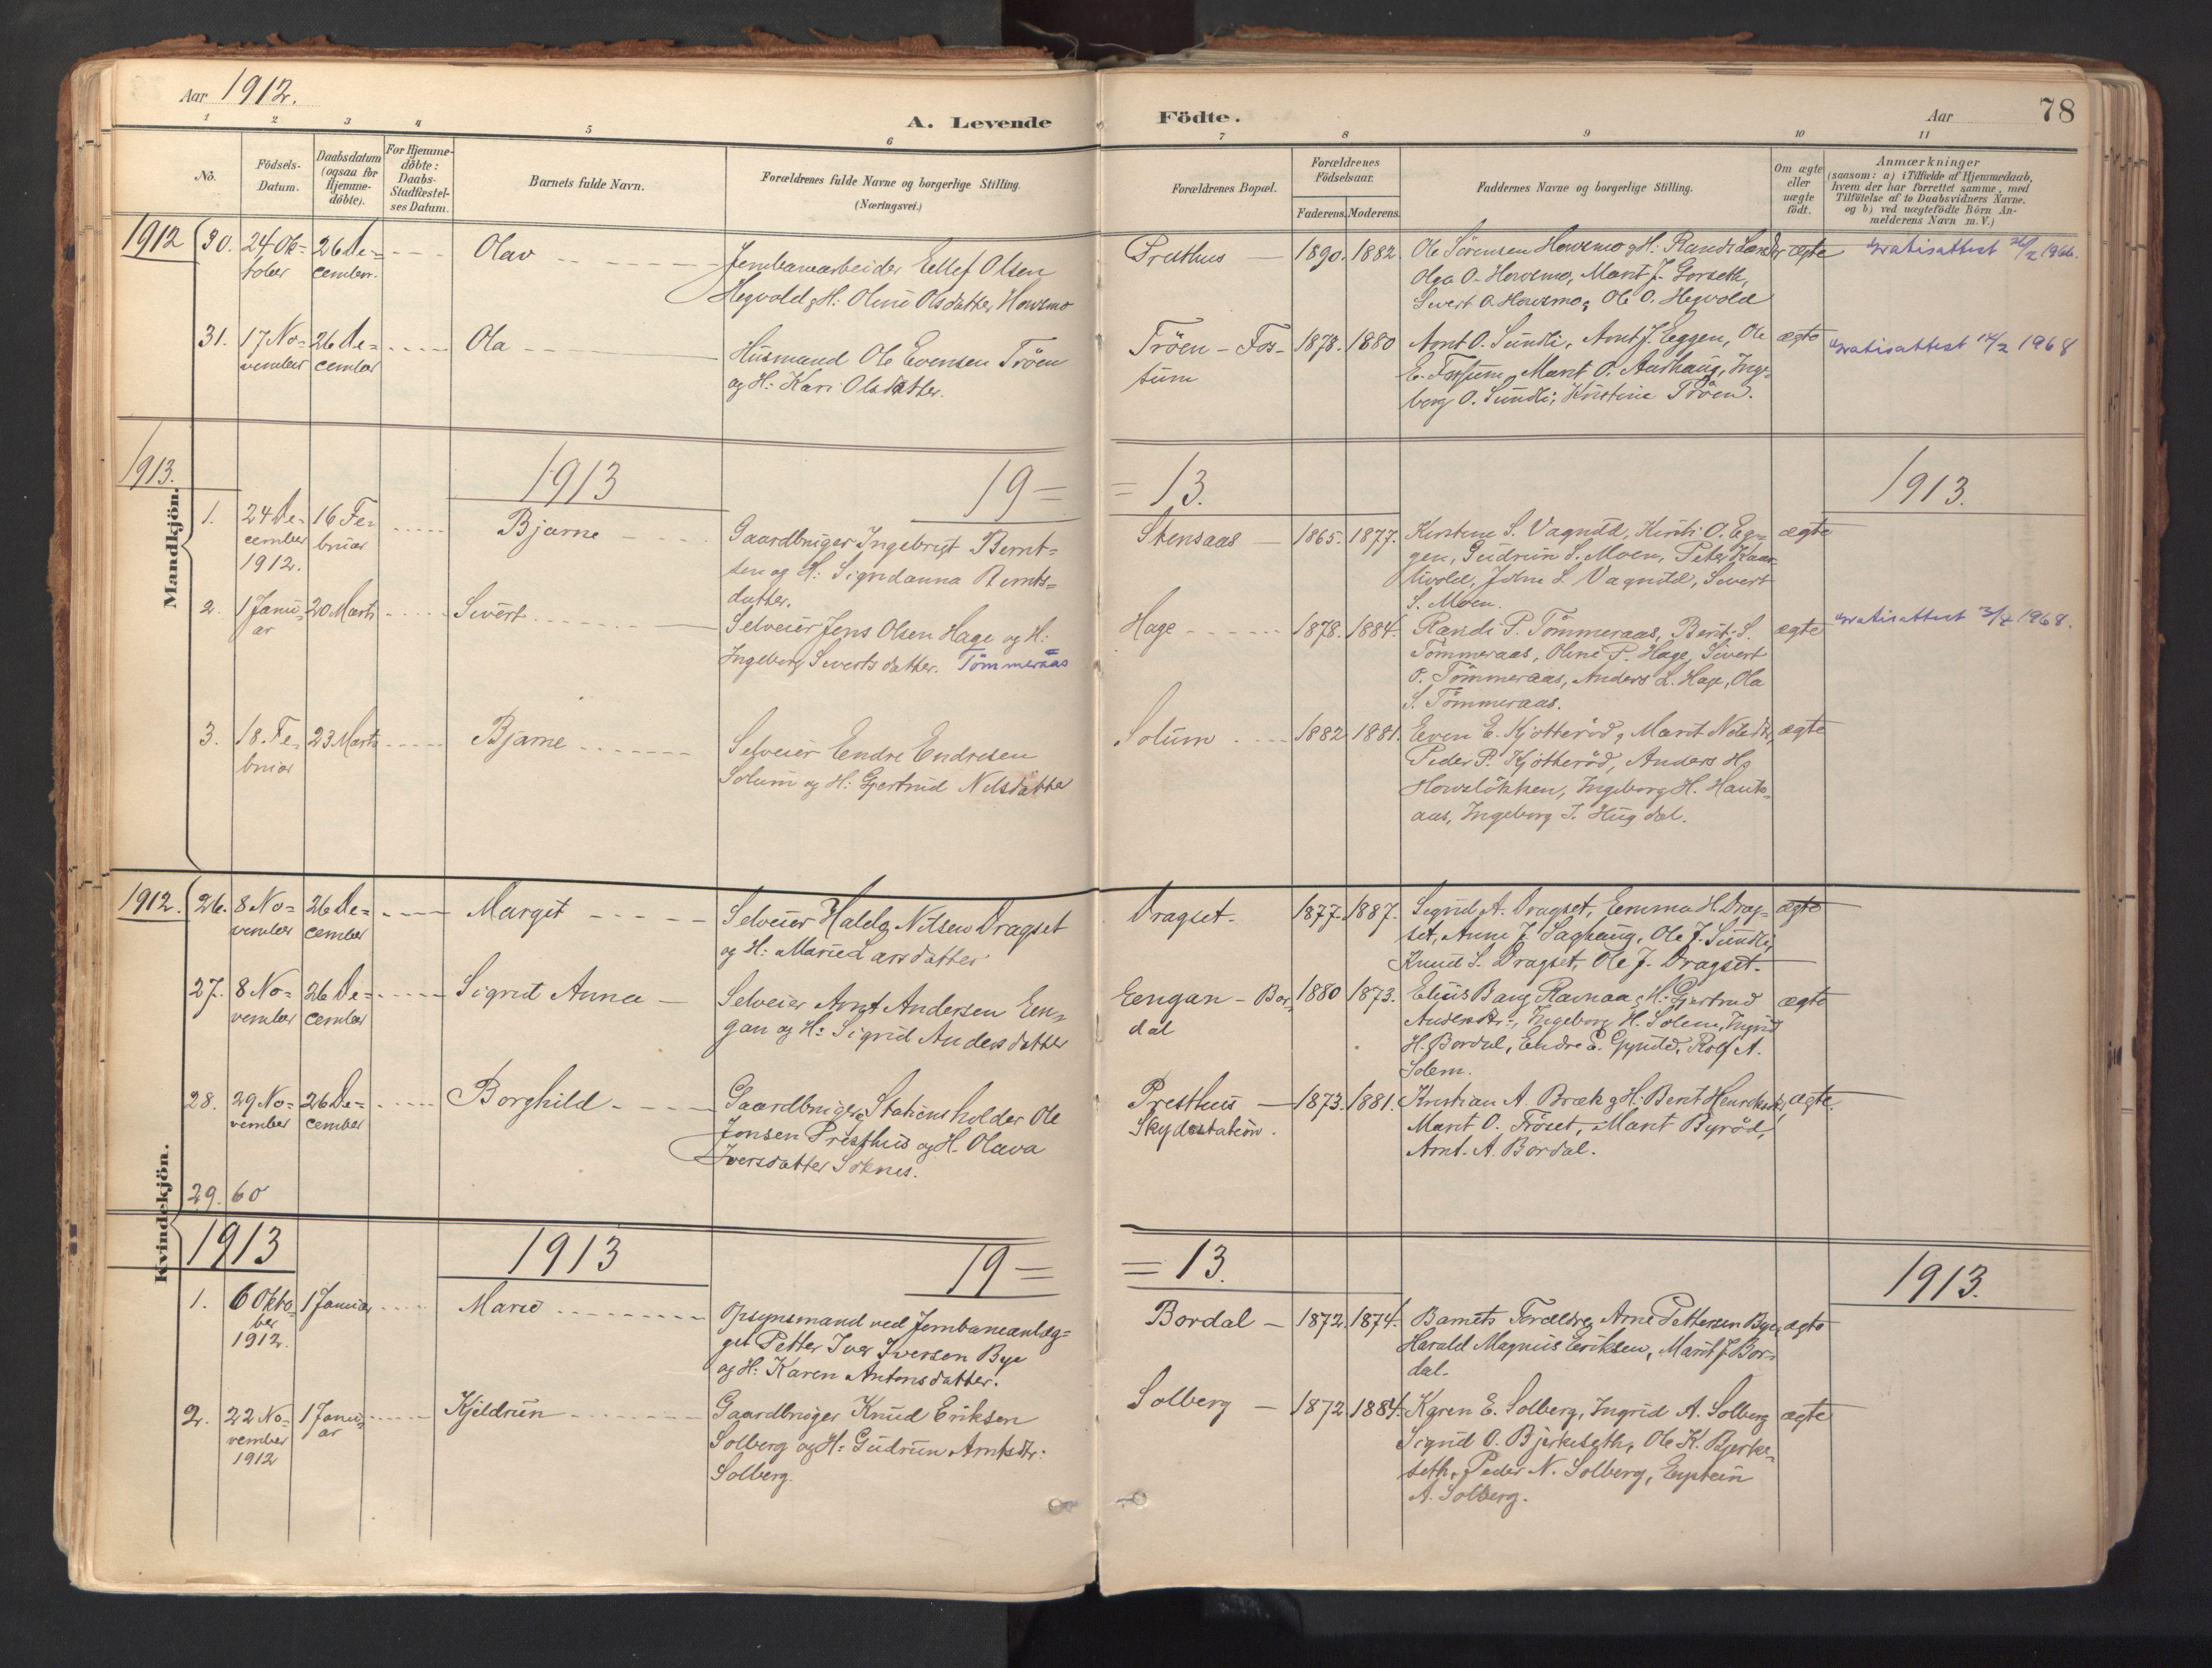 SAT, Ministerialprotokoller, klokkerbøker og fødselsregistre - Sør-Trøndelag, 689/L1041: Ministerialbok nr. 689A06, 1891-1923, s. 78